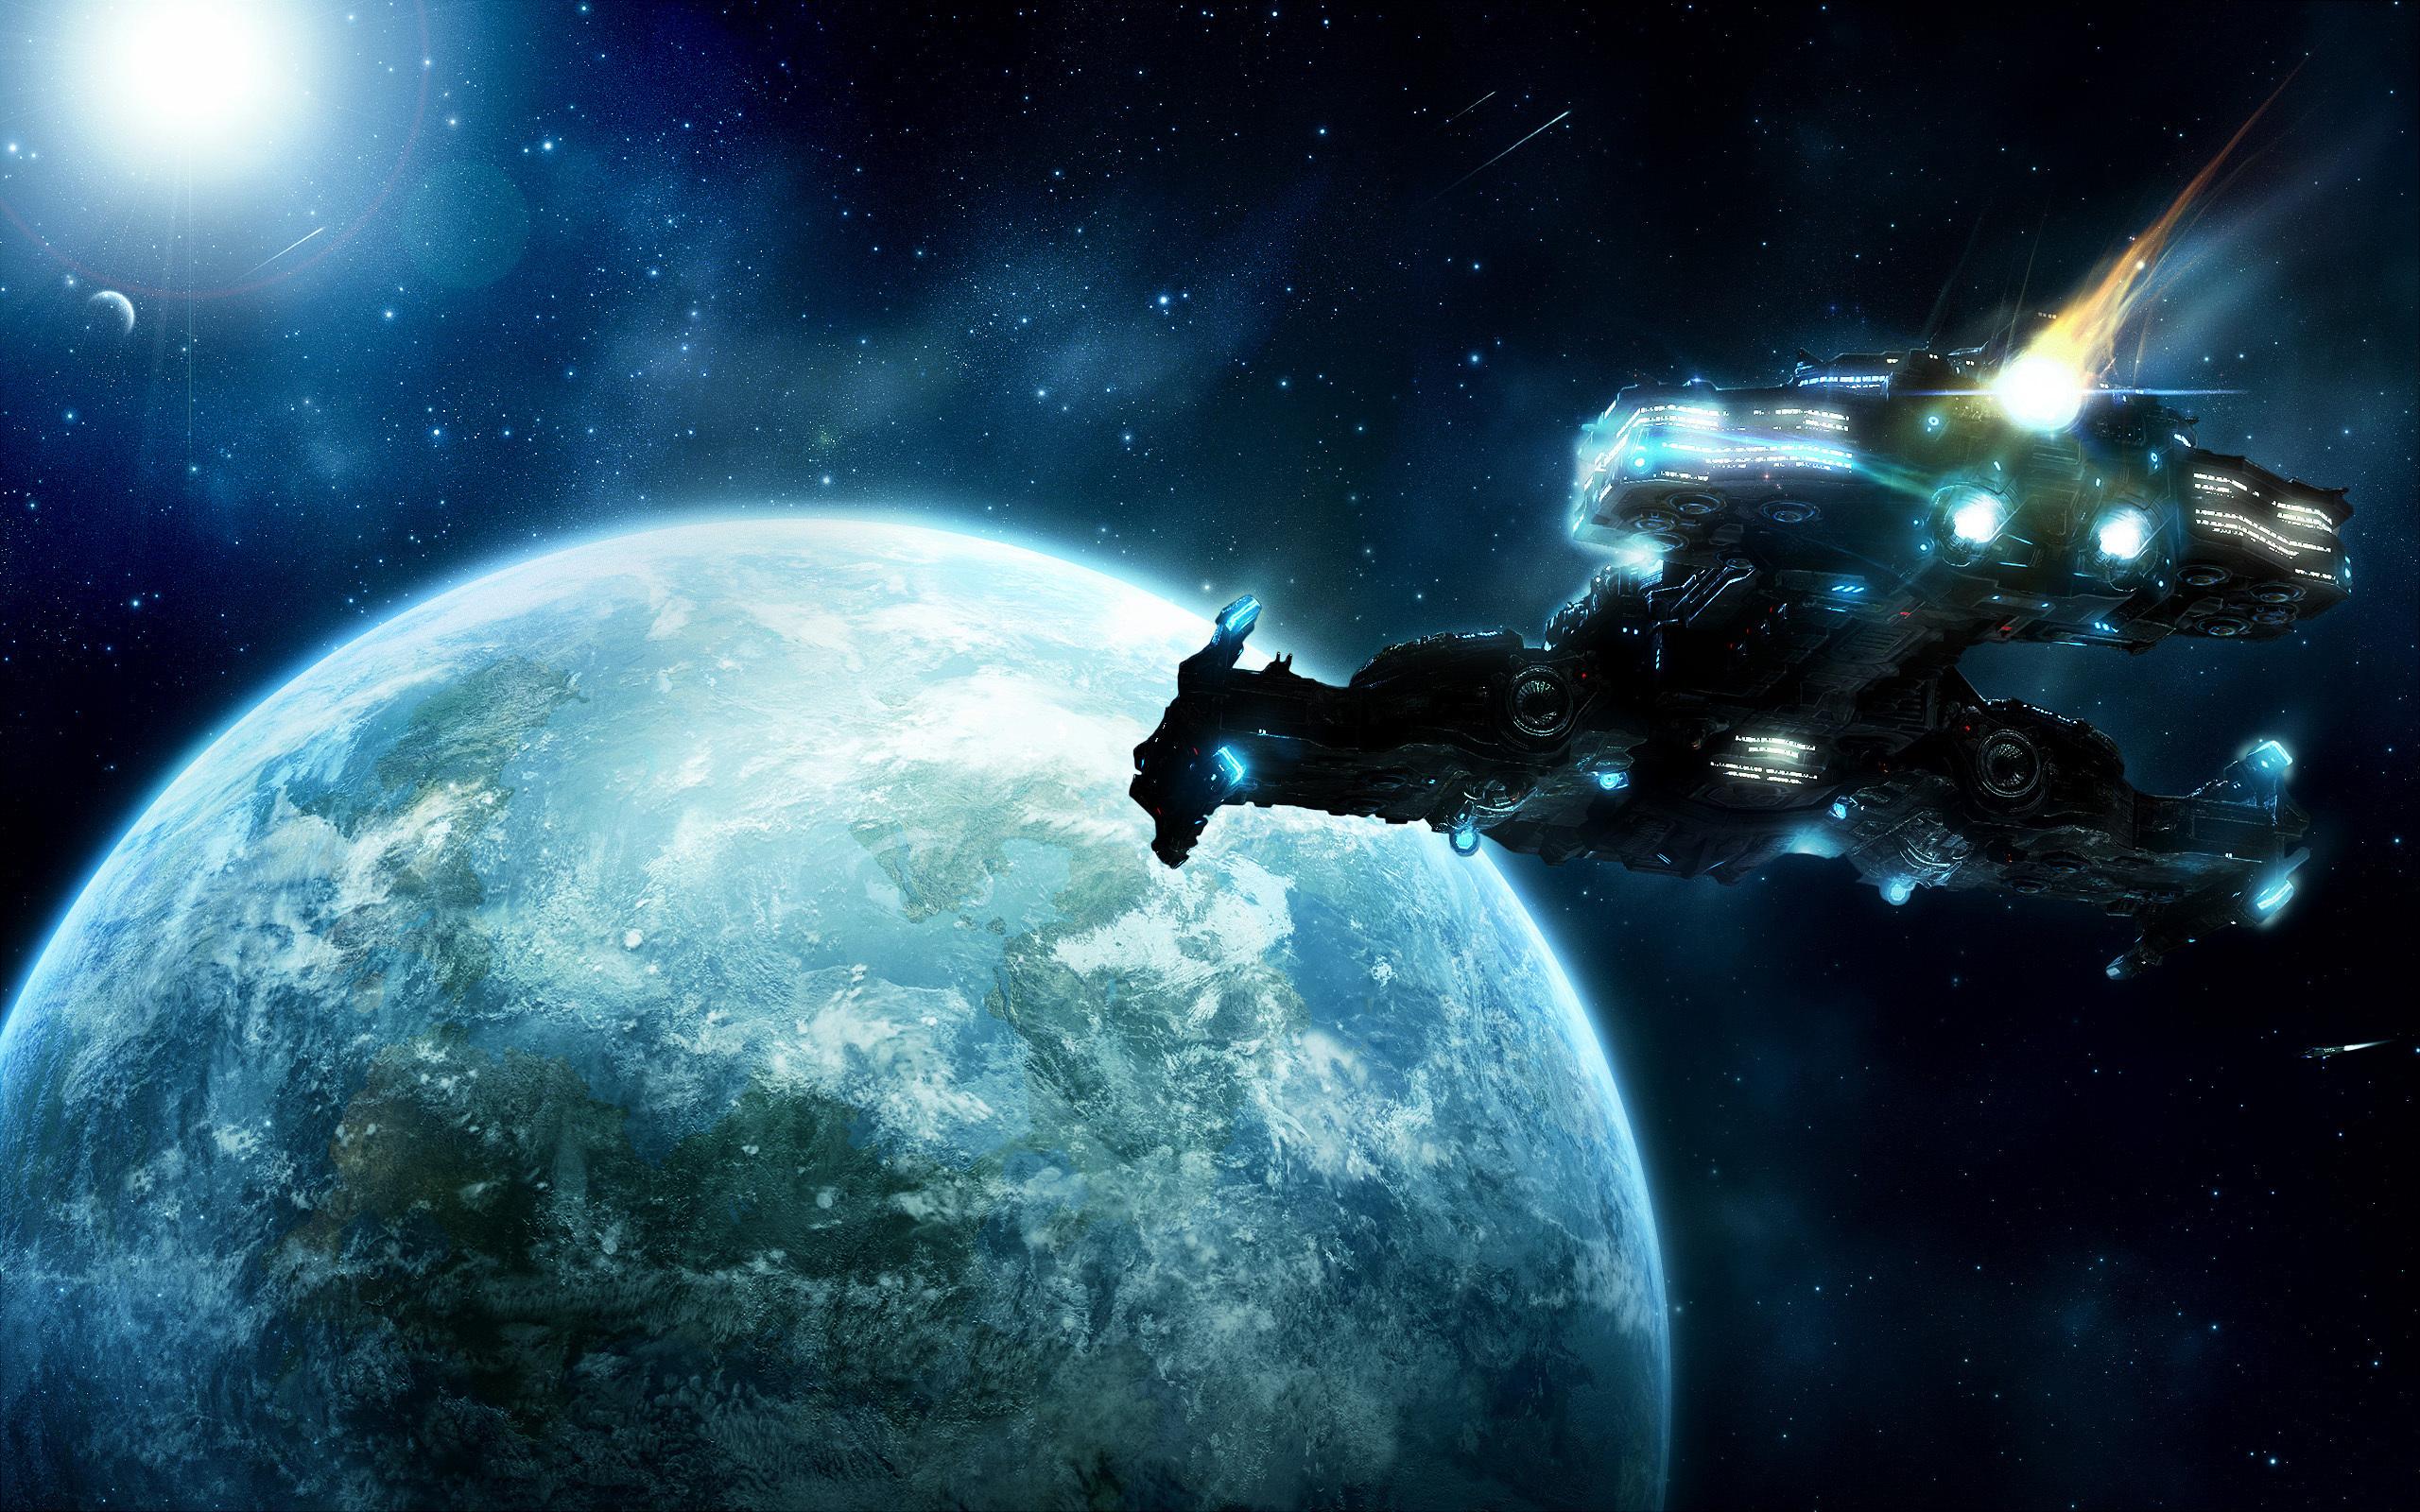 своими картинки космоса с космическими кораблями современный